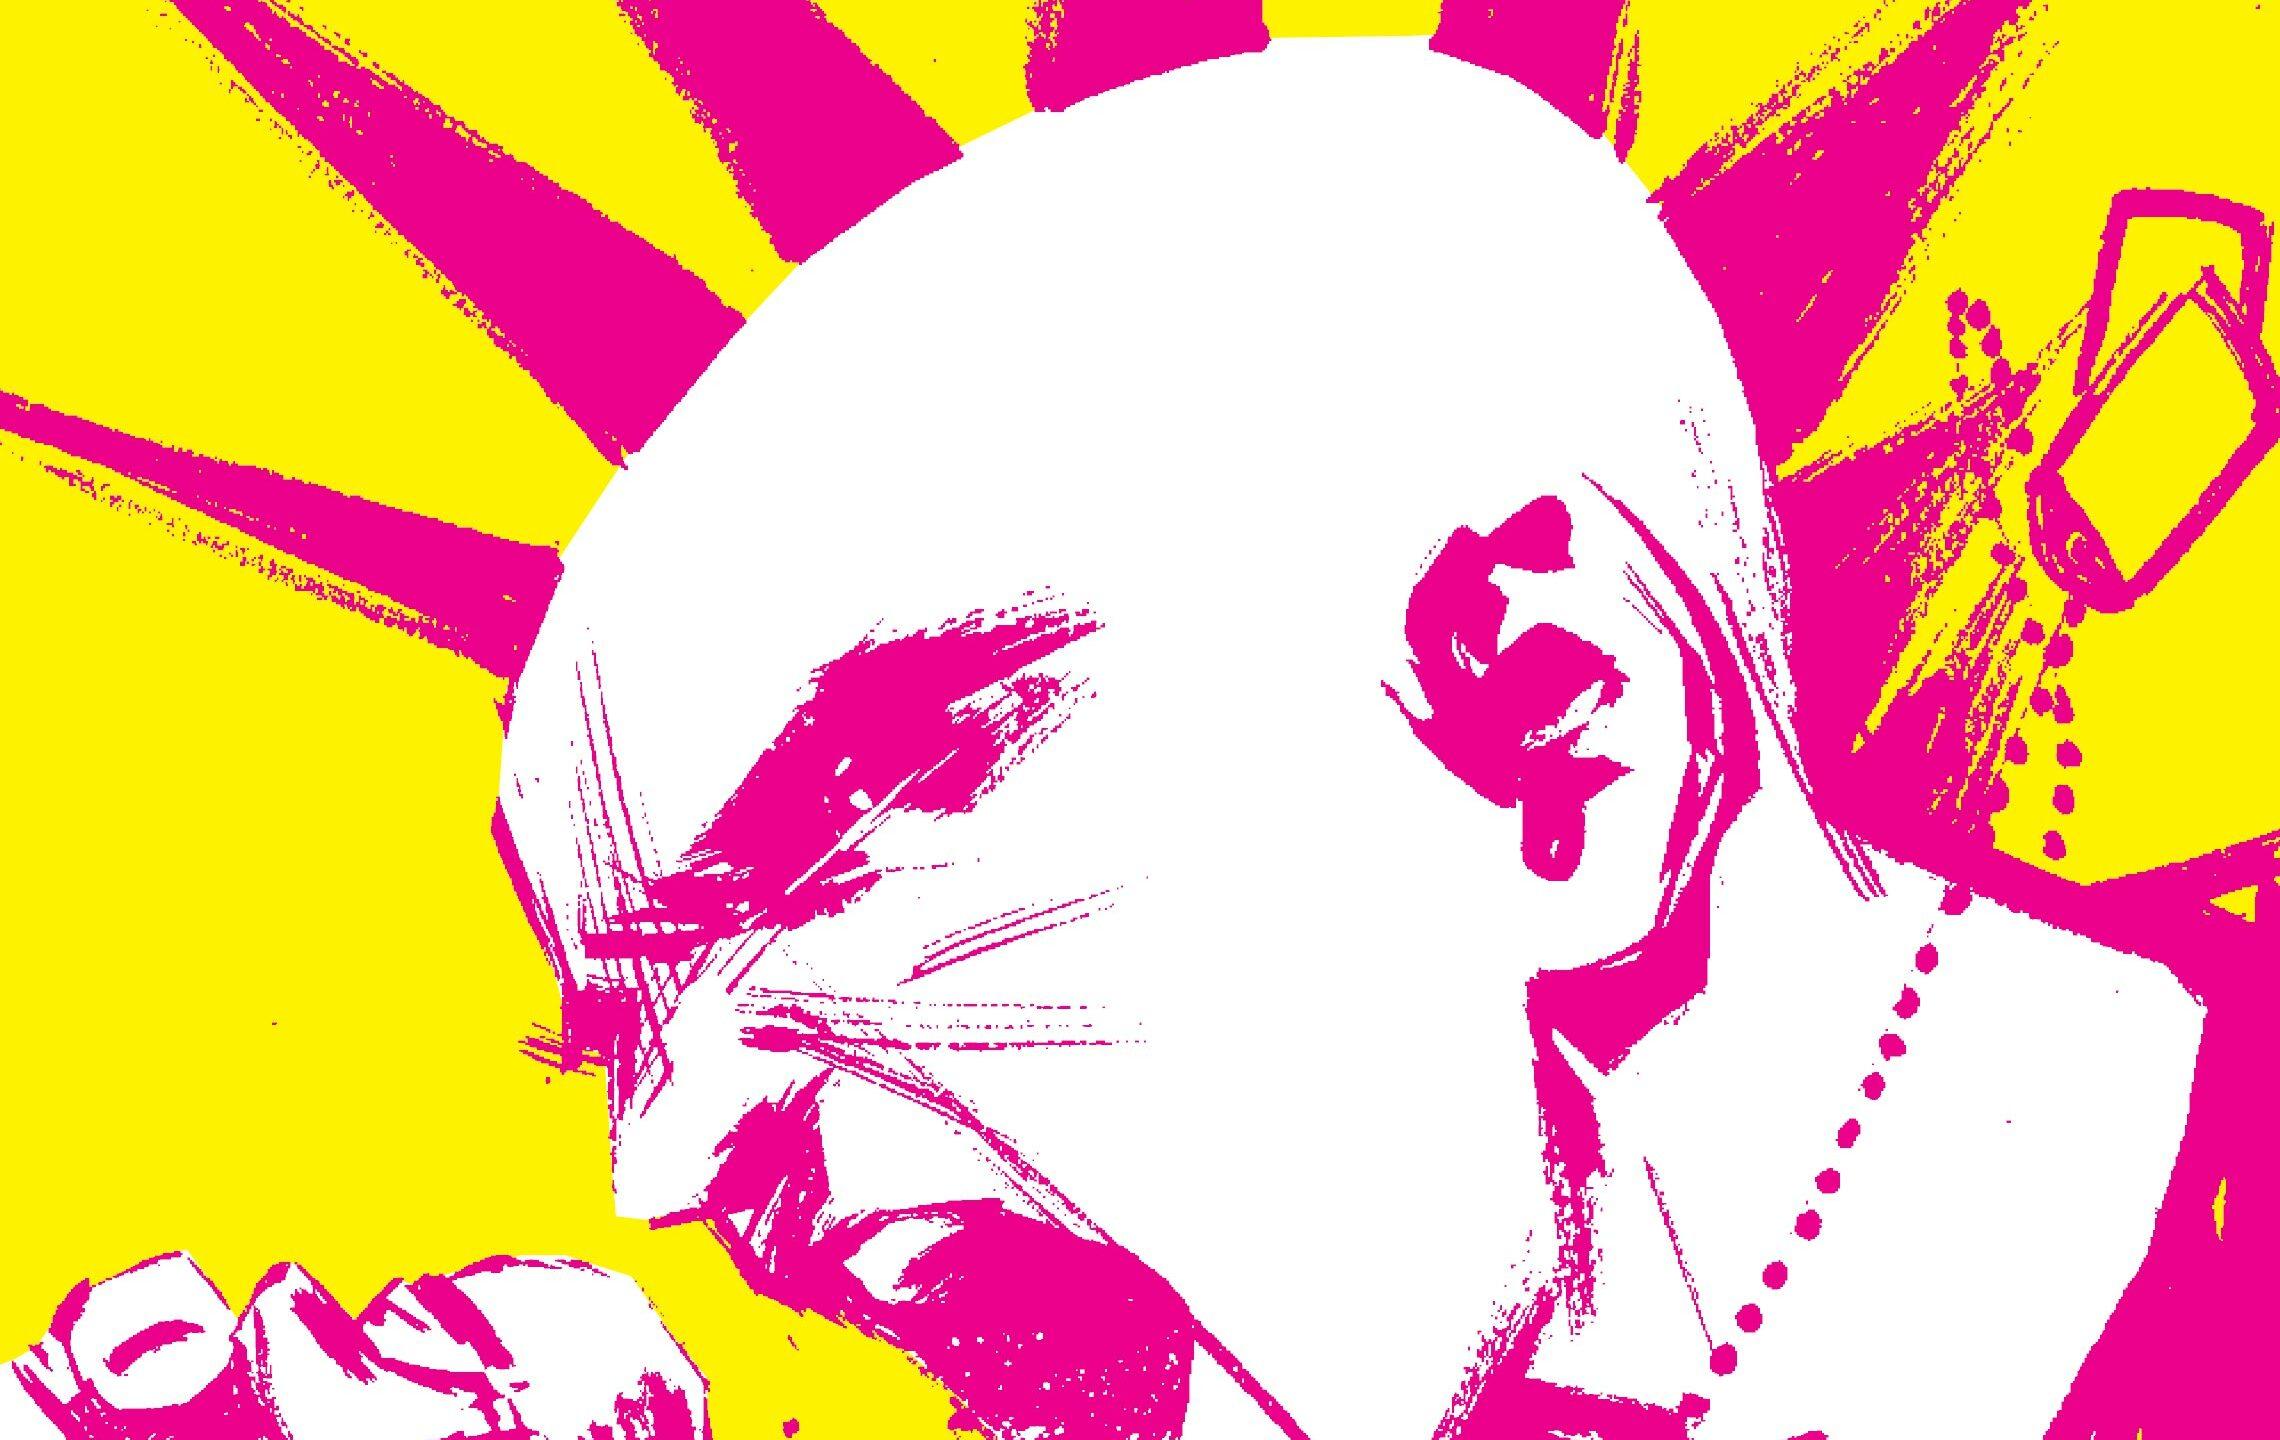 Punk Rock Jesus, un comics de Sean Murphy édité par Vertigo. L'édition cinquième anniversaire, sortie en 2017 et vendue environ 40 euros, regroupe les six albums dans un grand format cartonné, bourré de croquis, notes de l'auteur et storyboards.